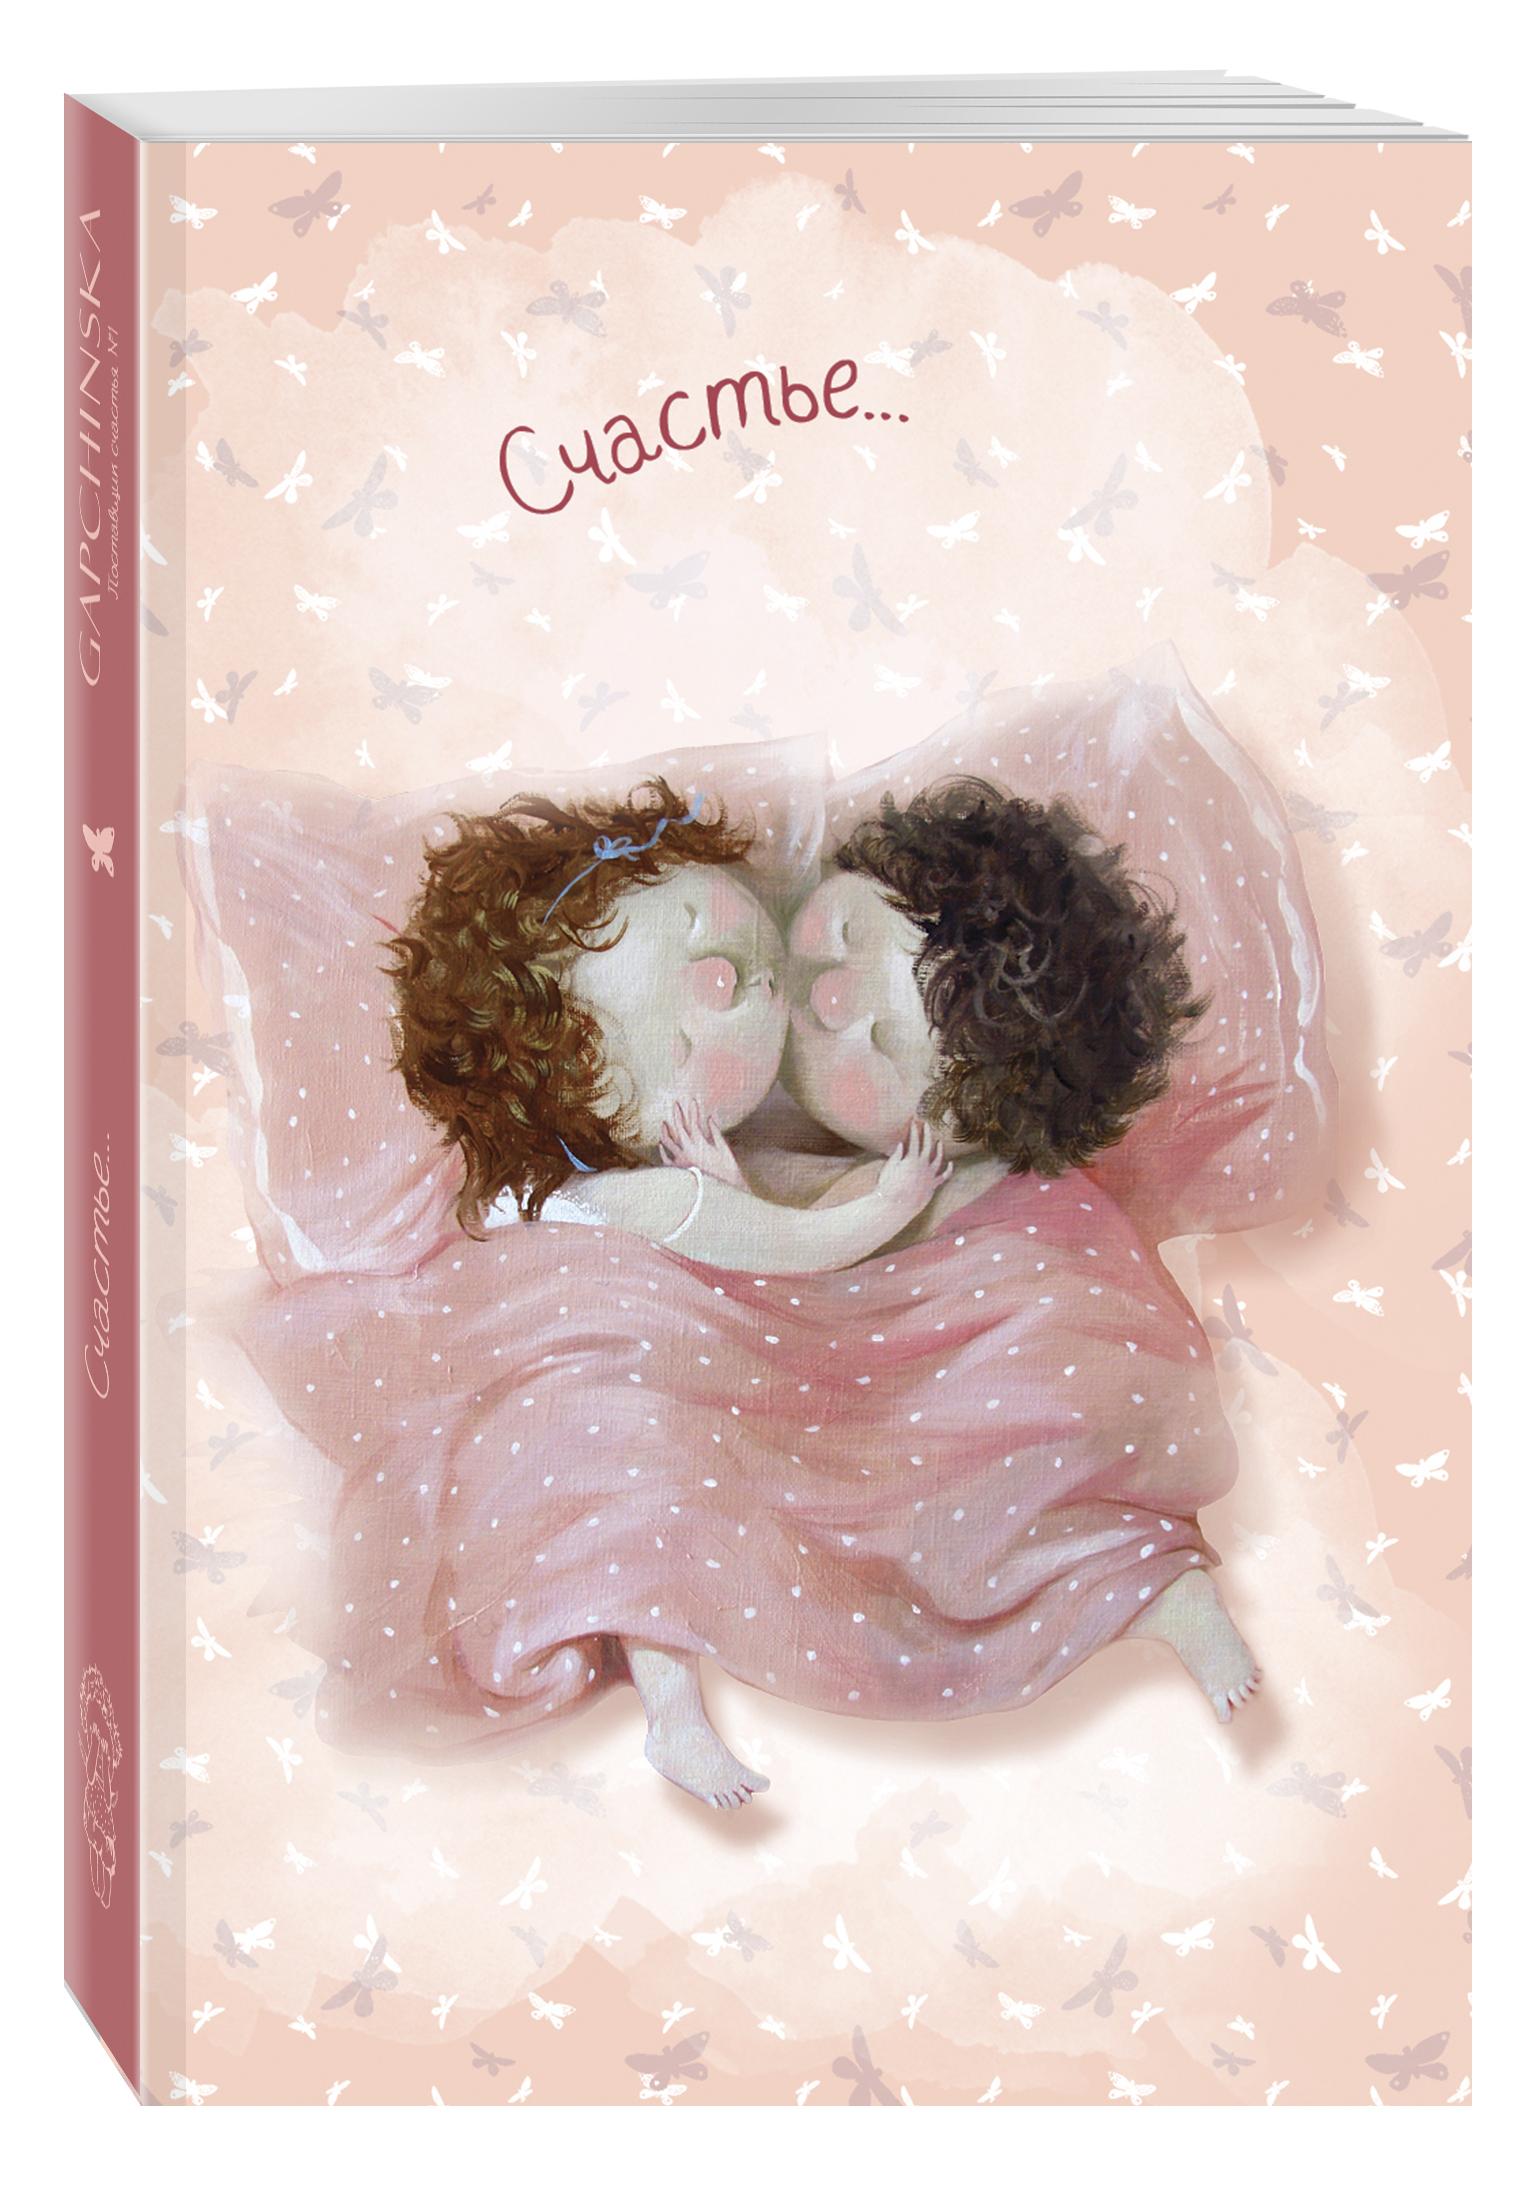 Евгения Гапчинская Любовь. Счастье... Блокнот mini Евгения Гапчинская (Арте) гапчинская евгения тебе мой ангел 15 открыток с картинками евгении гапчинской с пожеланиями для самых близких